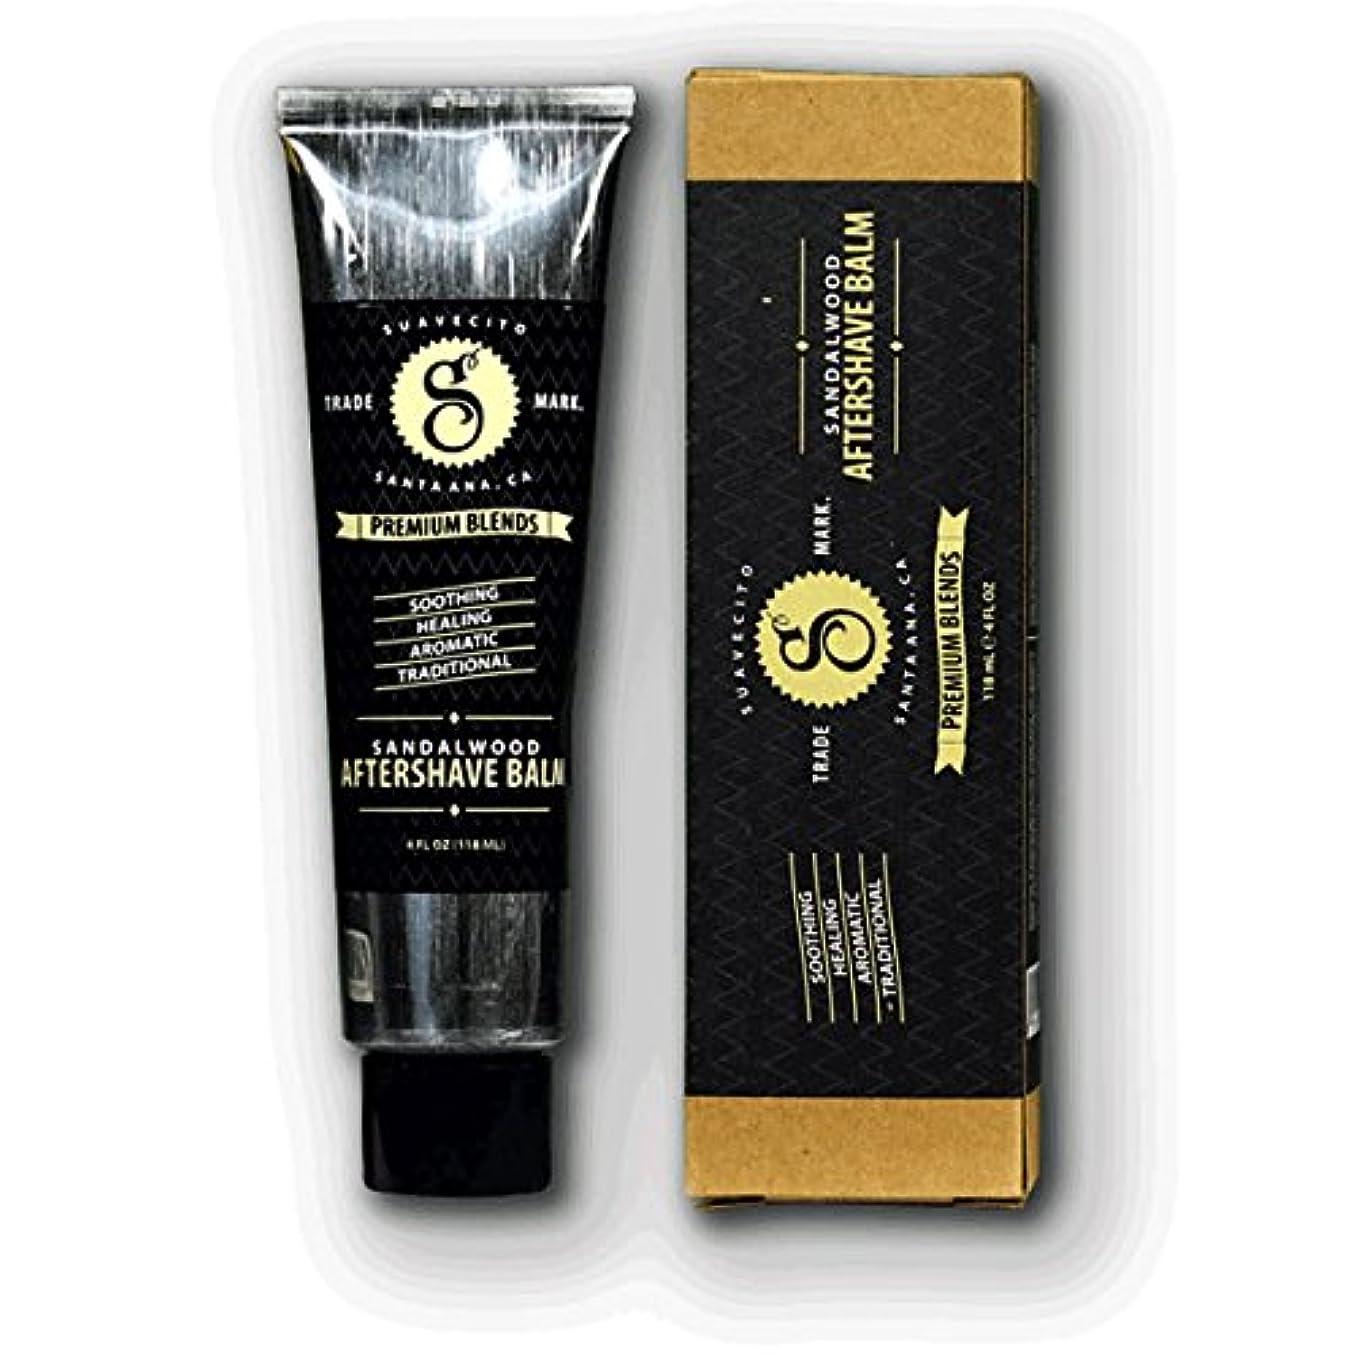 ものシリアル所得SUAVECITO スアベシート 【Premium Blends Sandalwood Aftershave Balm 4oz】 シェービングクリーム 4OZ(約110G)